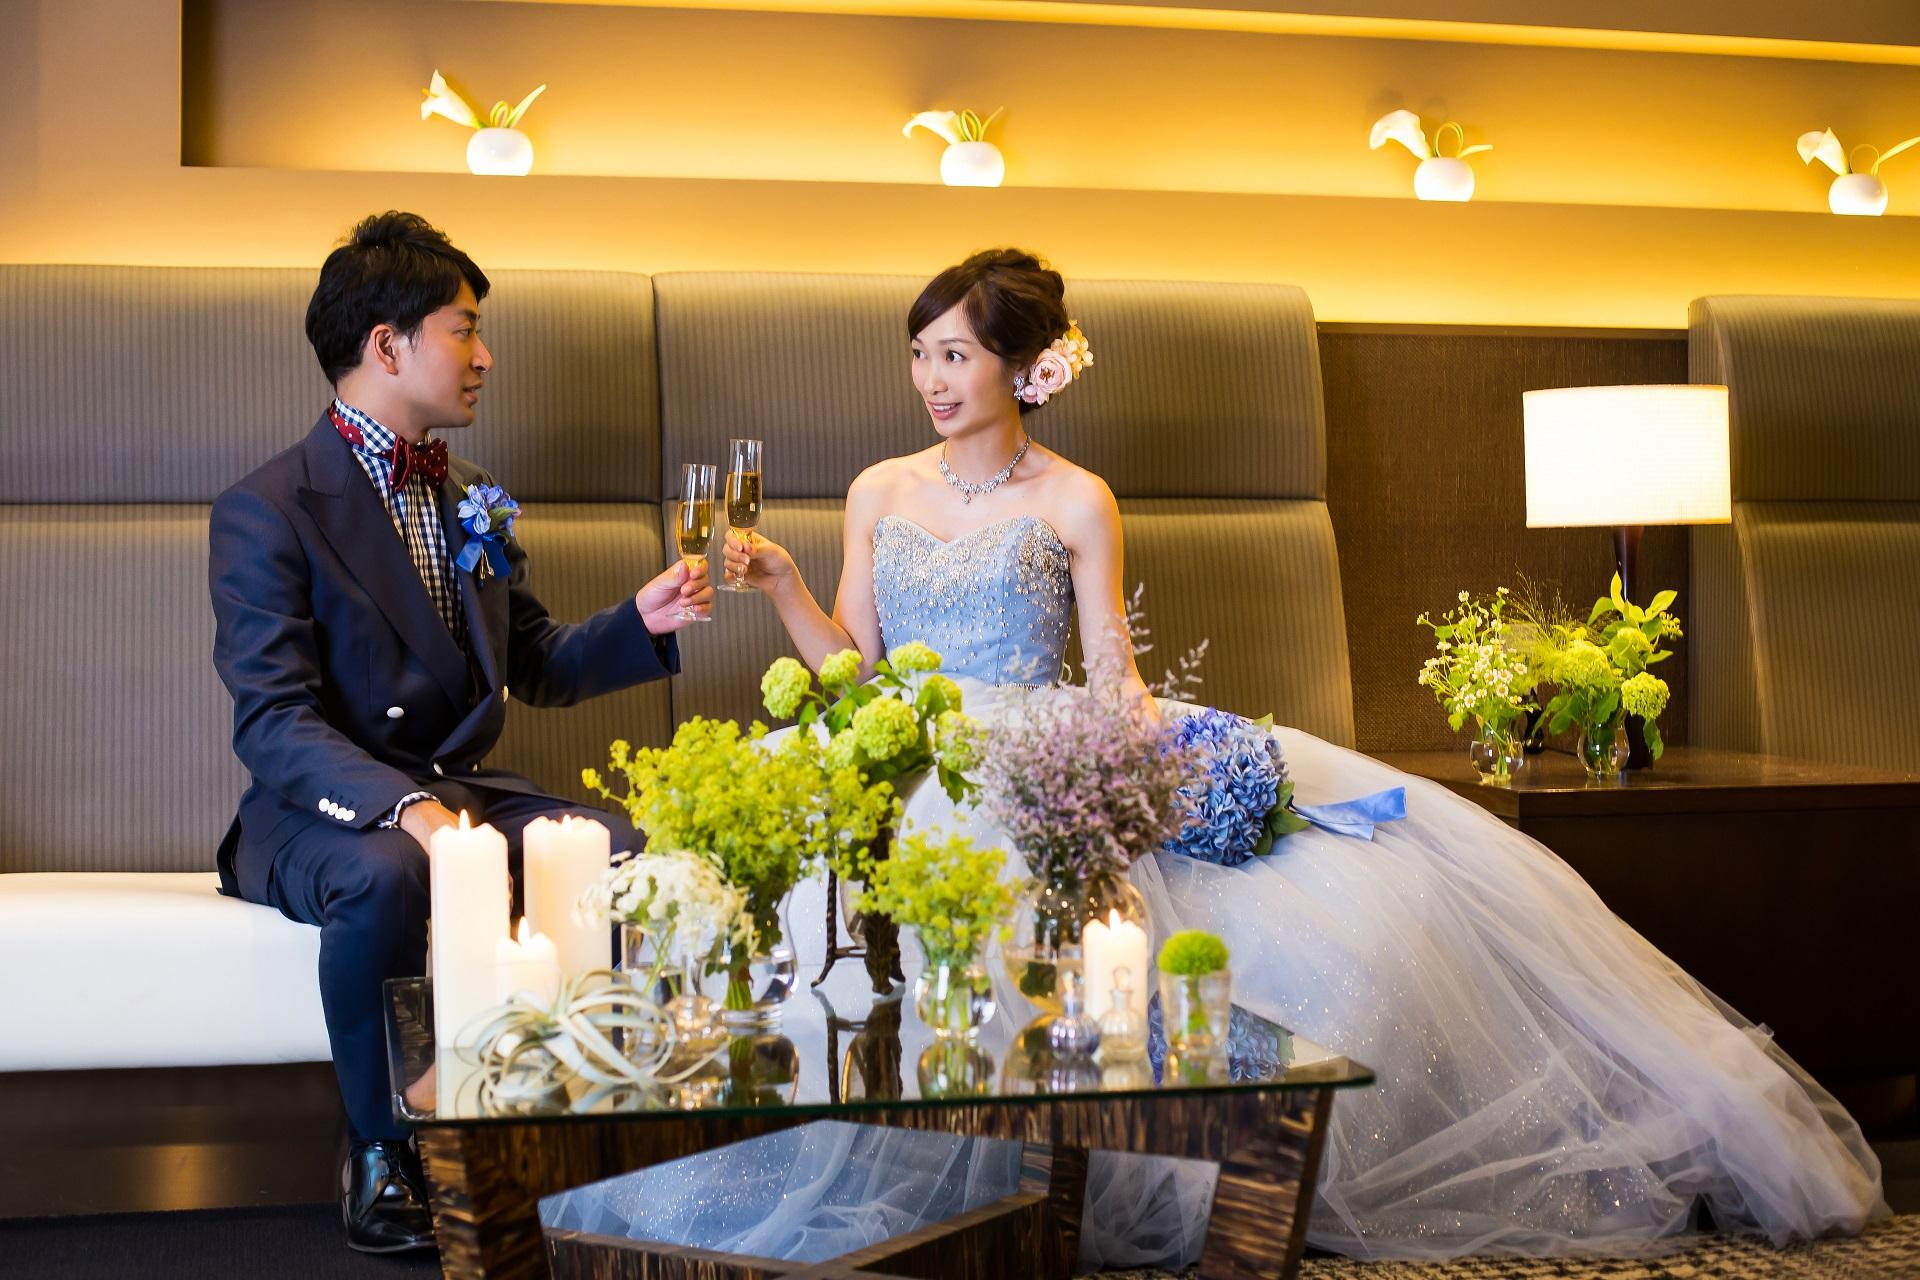 【ご案内】ブライダルフェアご参加について|レンブラントホテル大分【公式】婚礼サイト